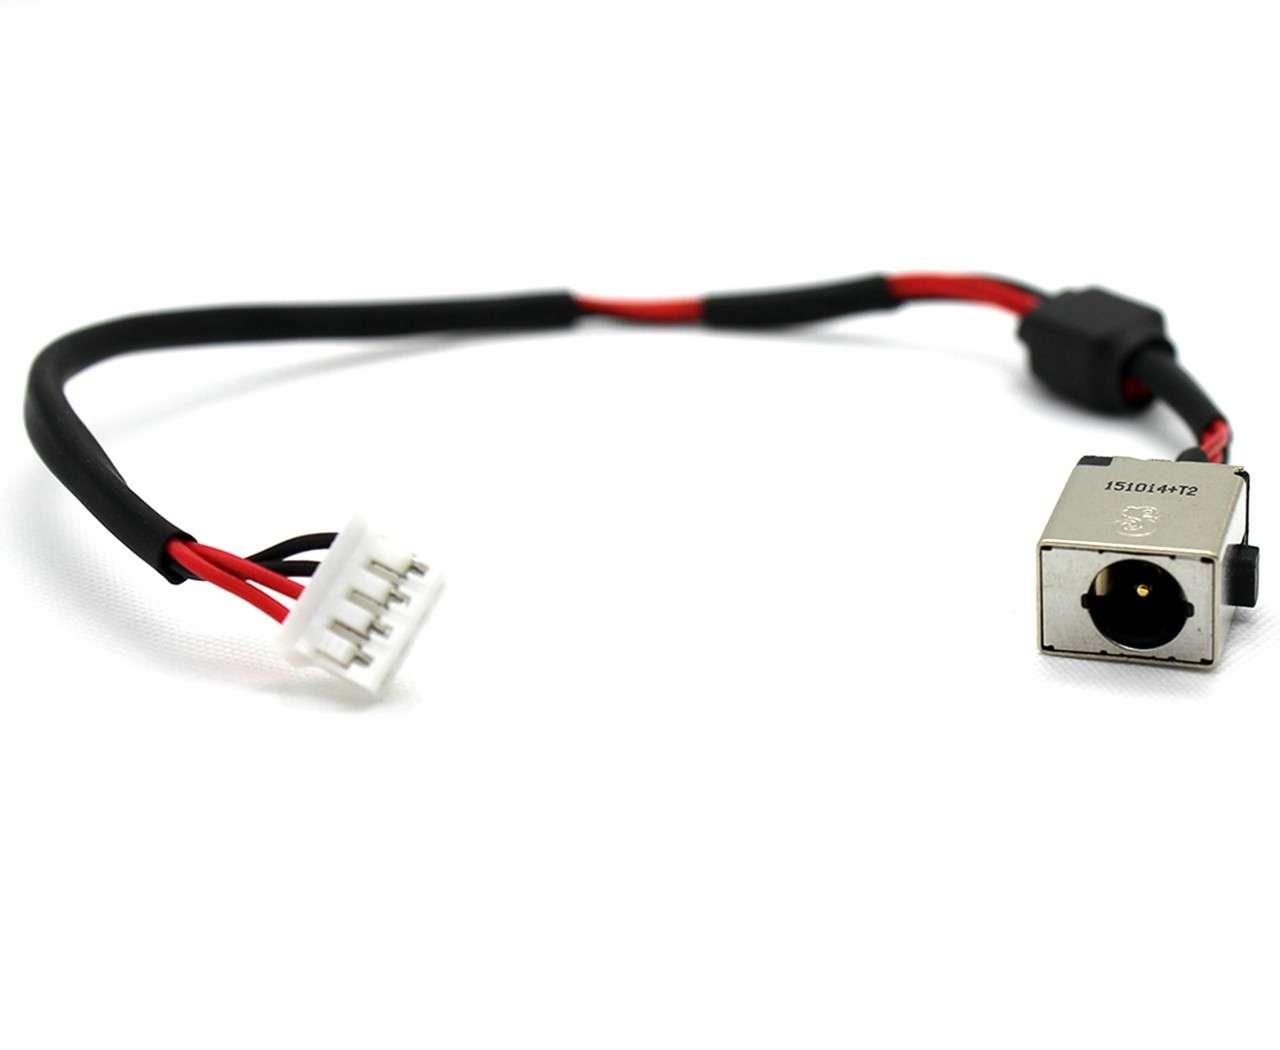 Mufa alimentare laptop Acer Aspire E5-521 cu fir imagine powerlaptop.ro 2021